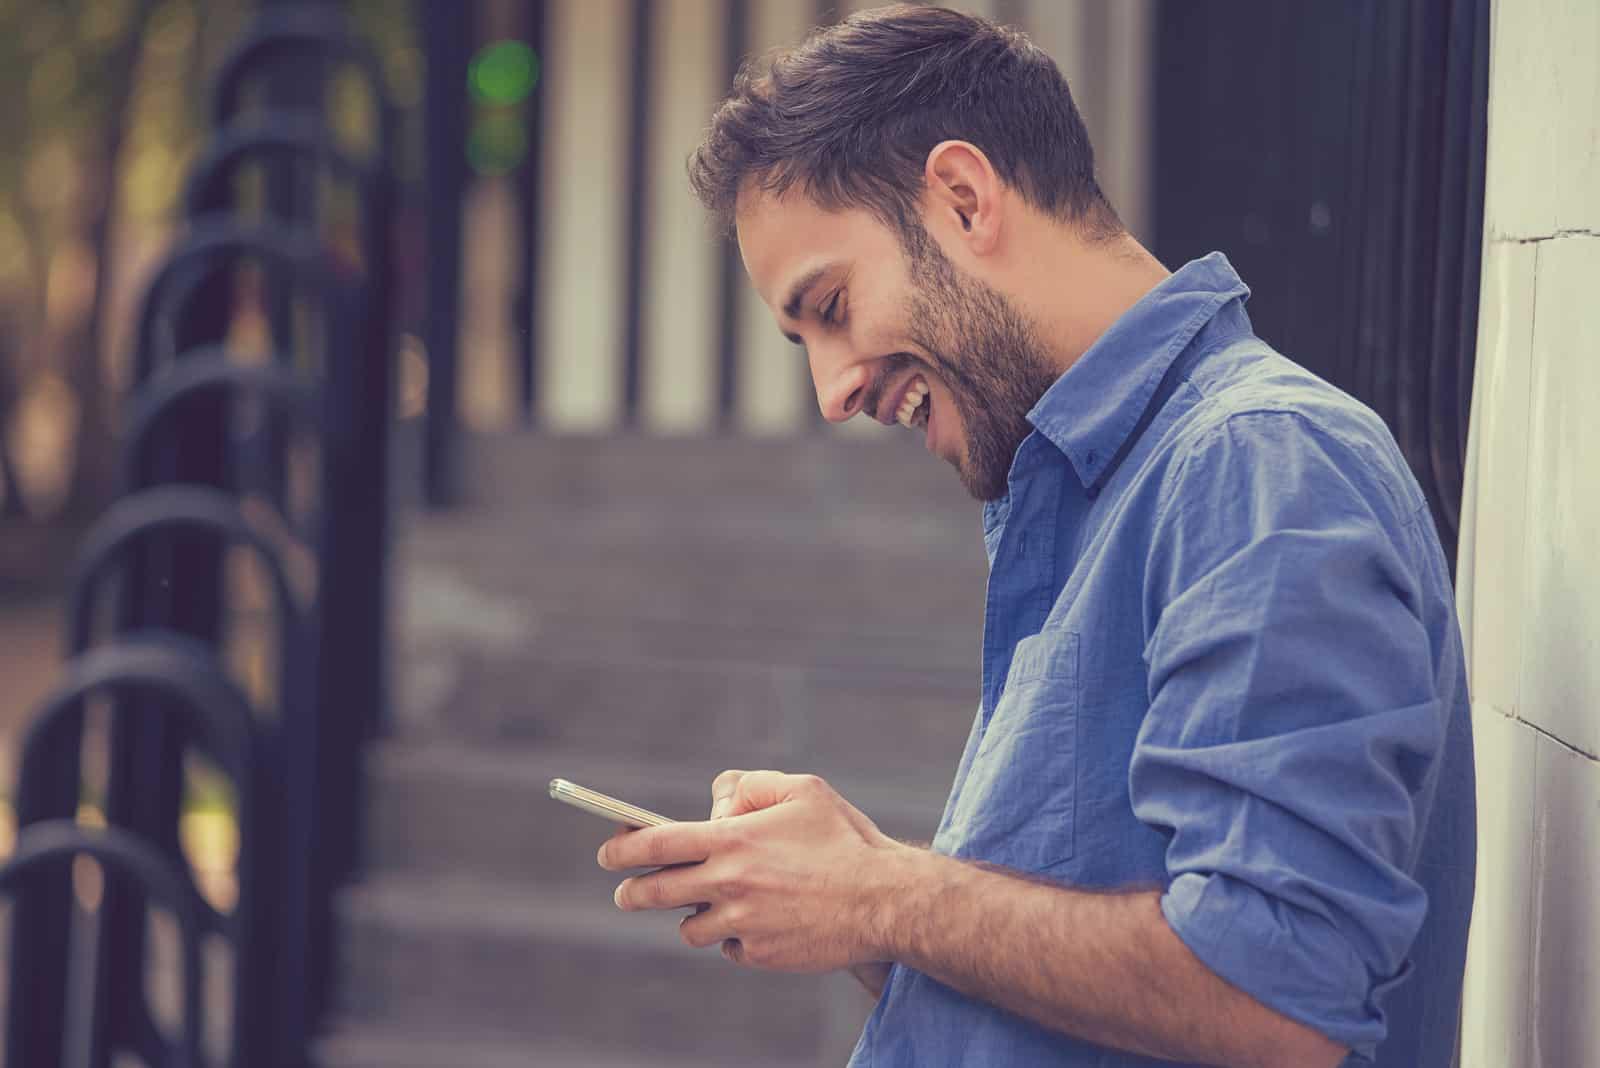 un homme utilise un smartphone tout en se tenant près d'un mur